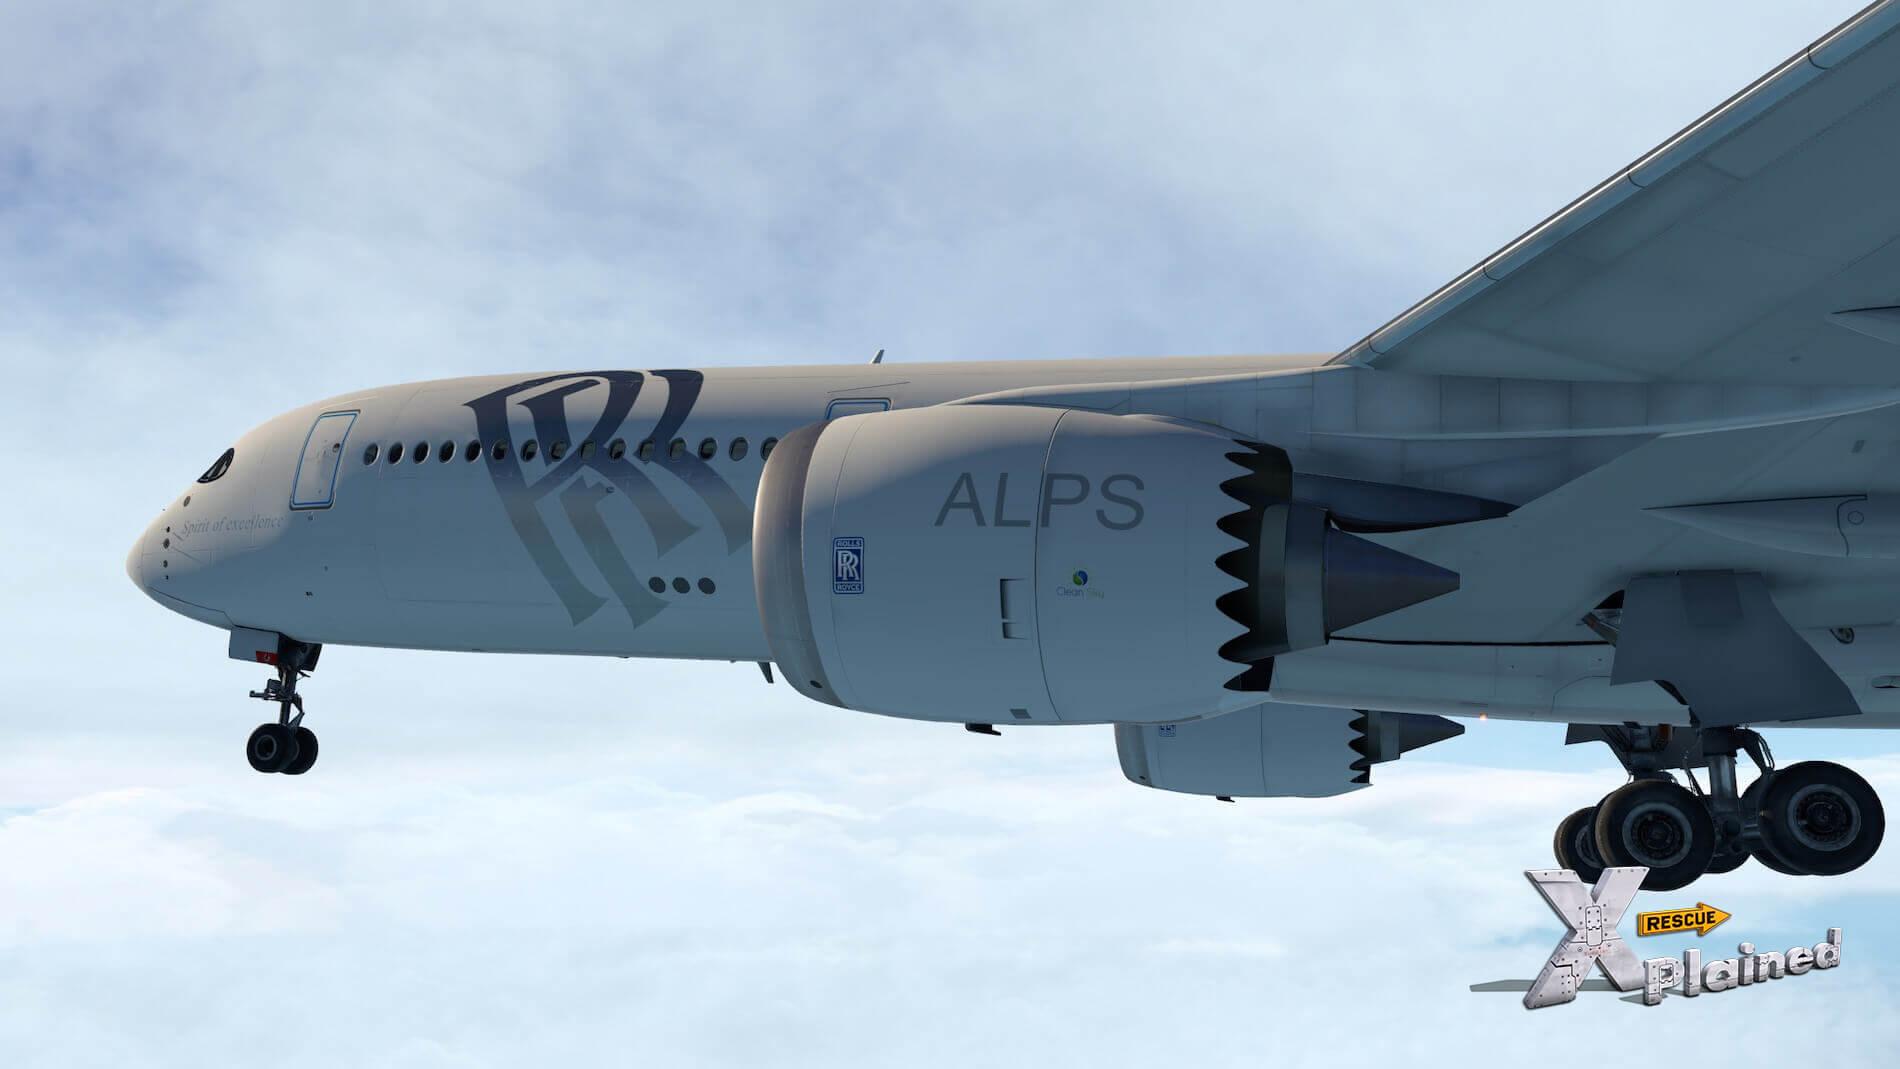 A350_xp11_27